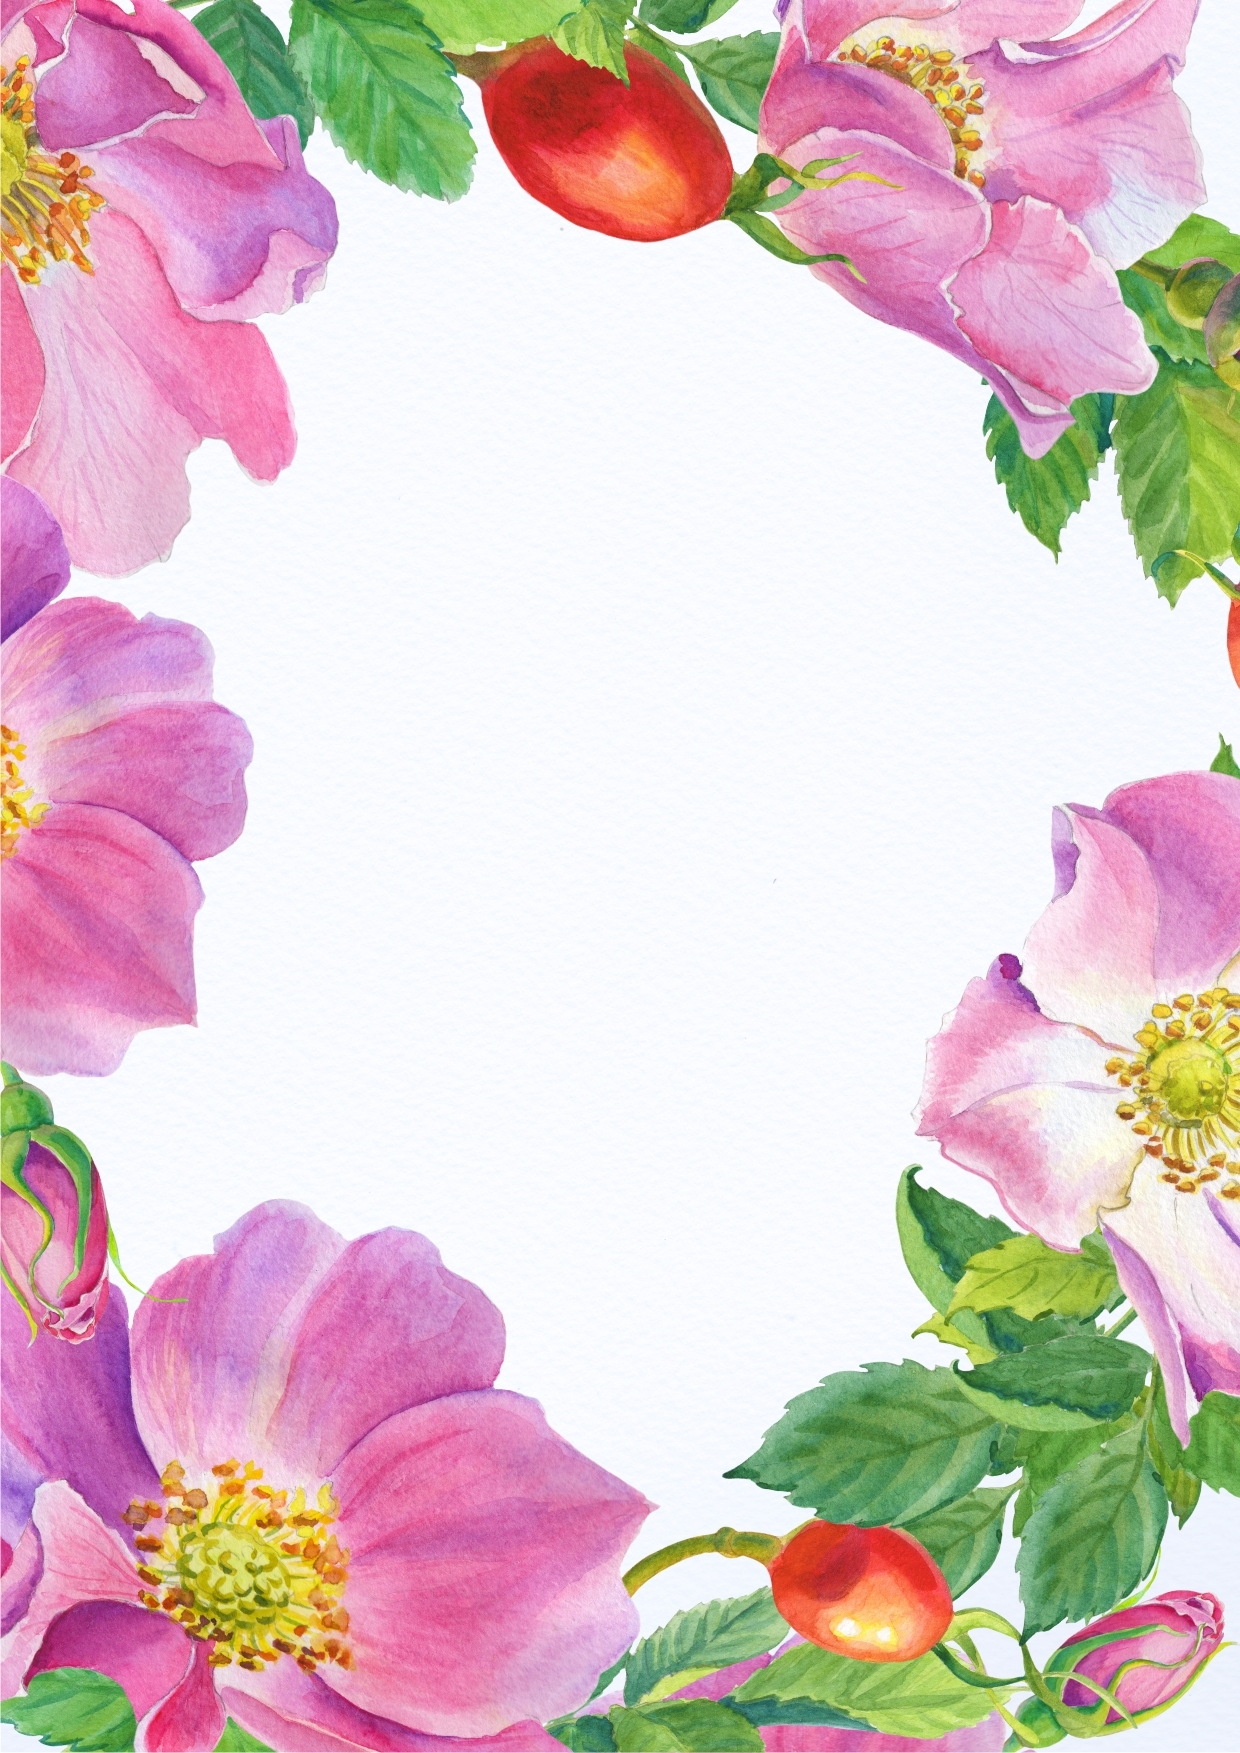 Видео днем, форма цветка для поздравления